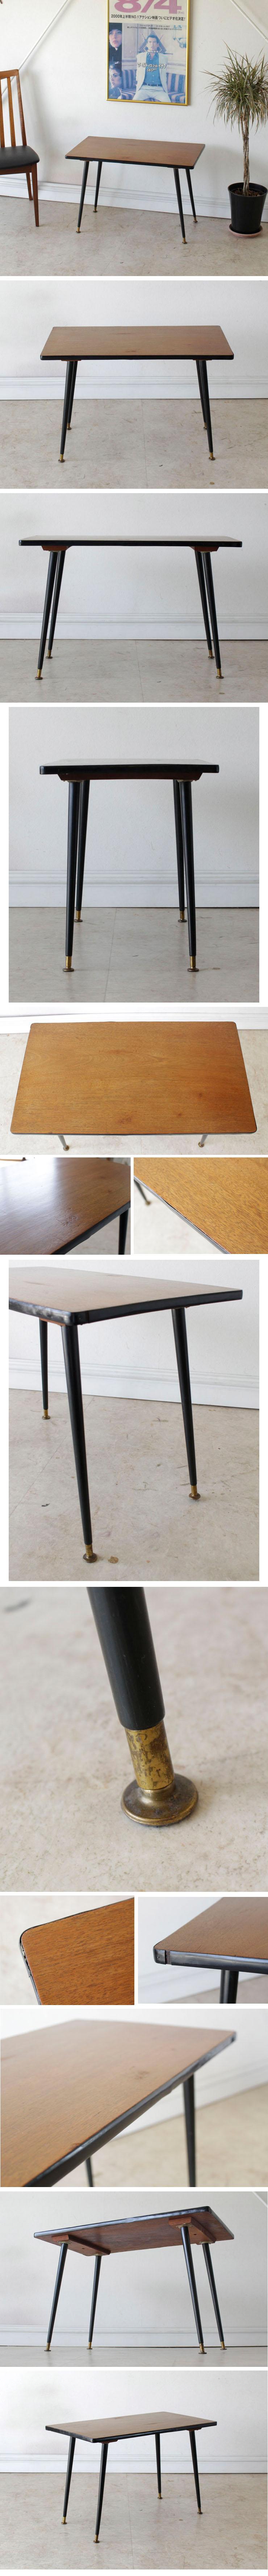 イギリス・コーヒーテーブル・サイドテーブル・ミッドセンチュリー・ビンテージ・アンティーク